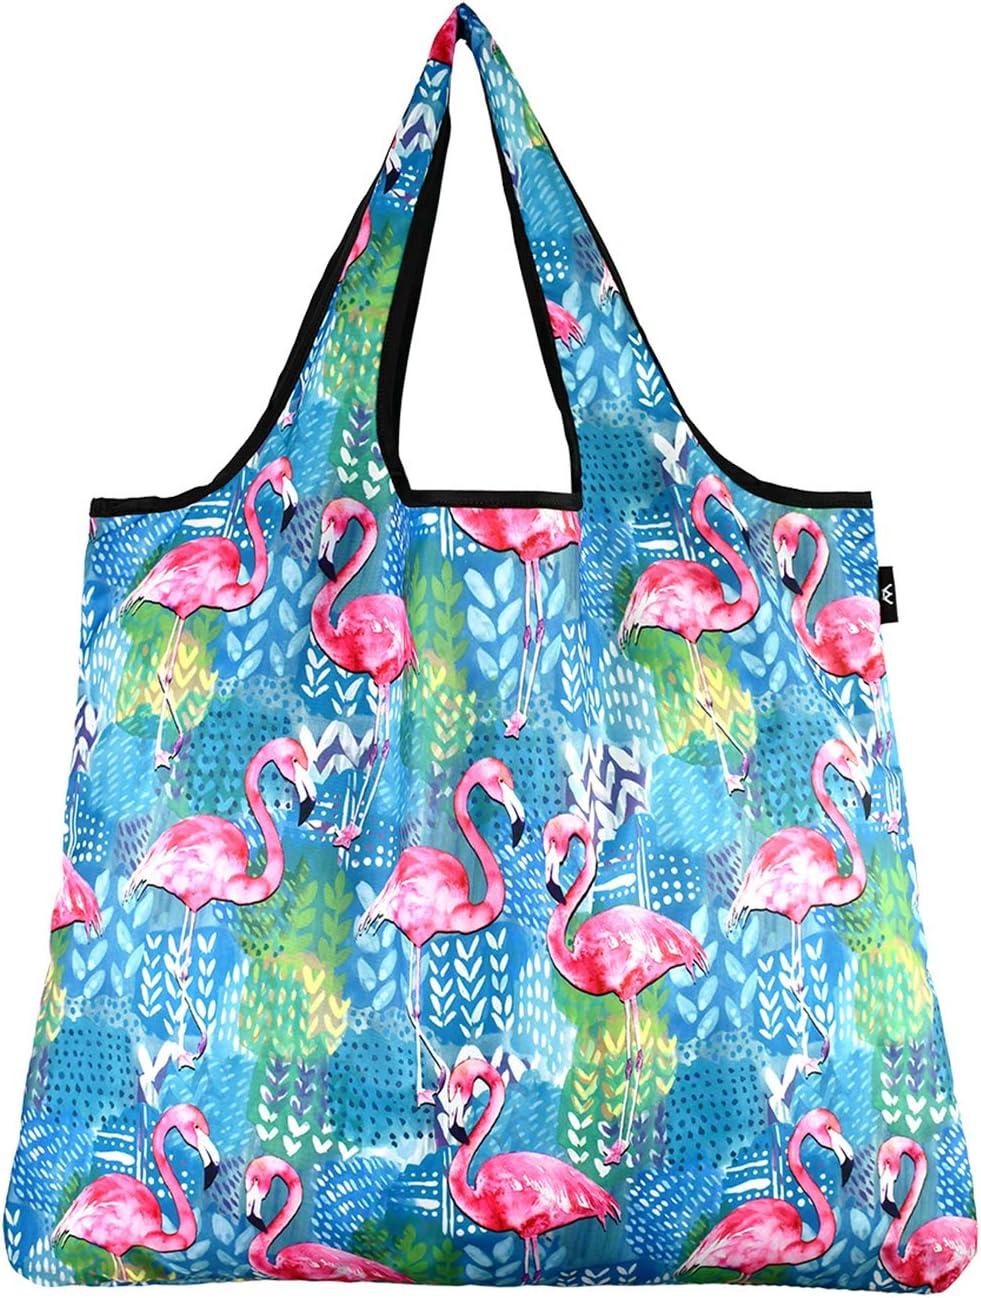 YaYbag JUMBO Size Fashionable Shopping Bags Reusable Japan Maker New Inexpensive